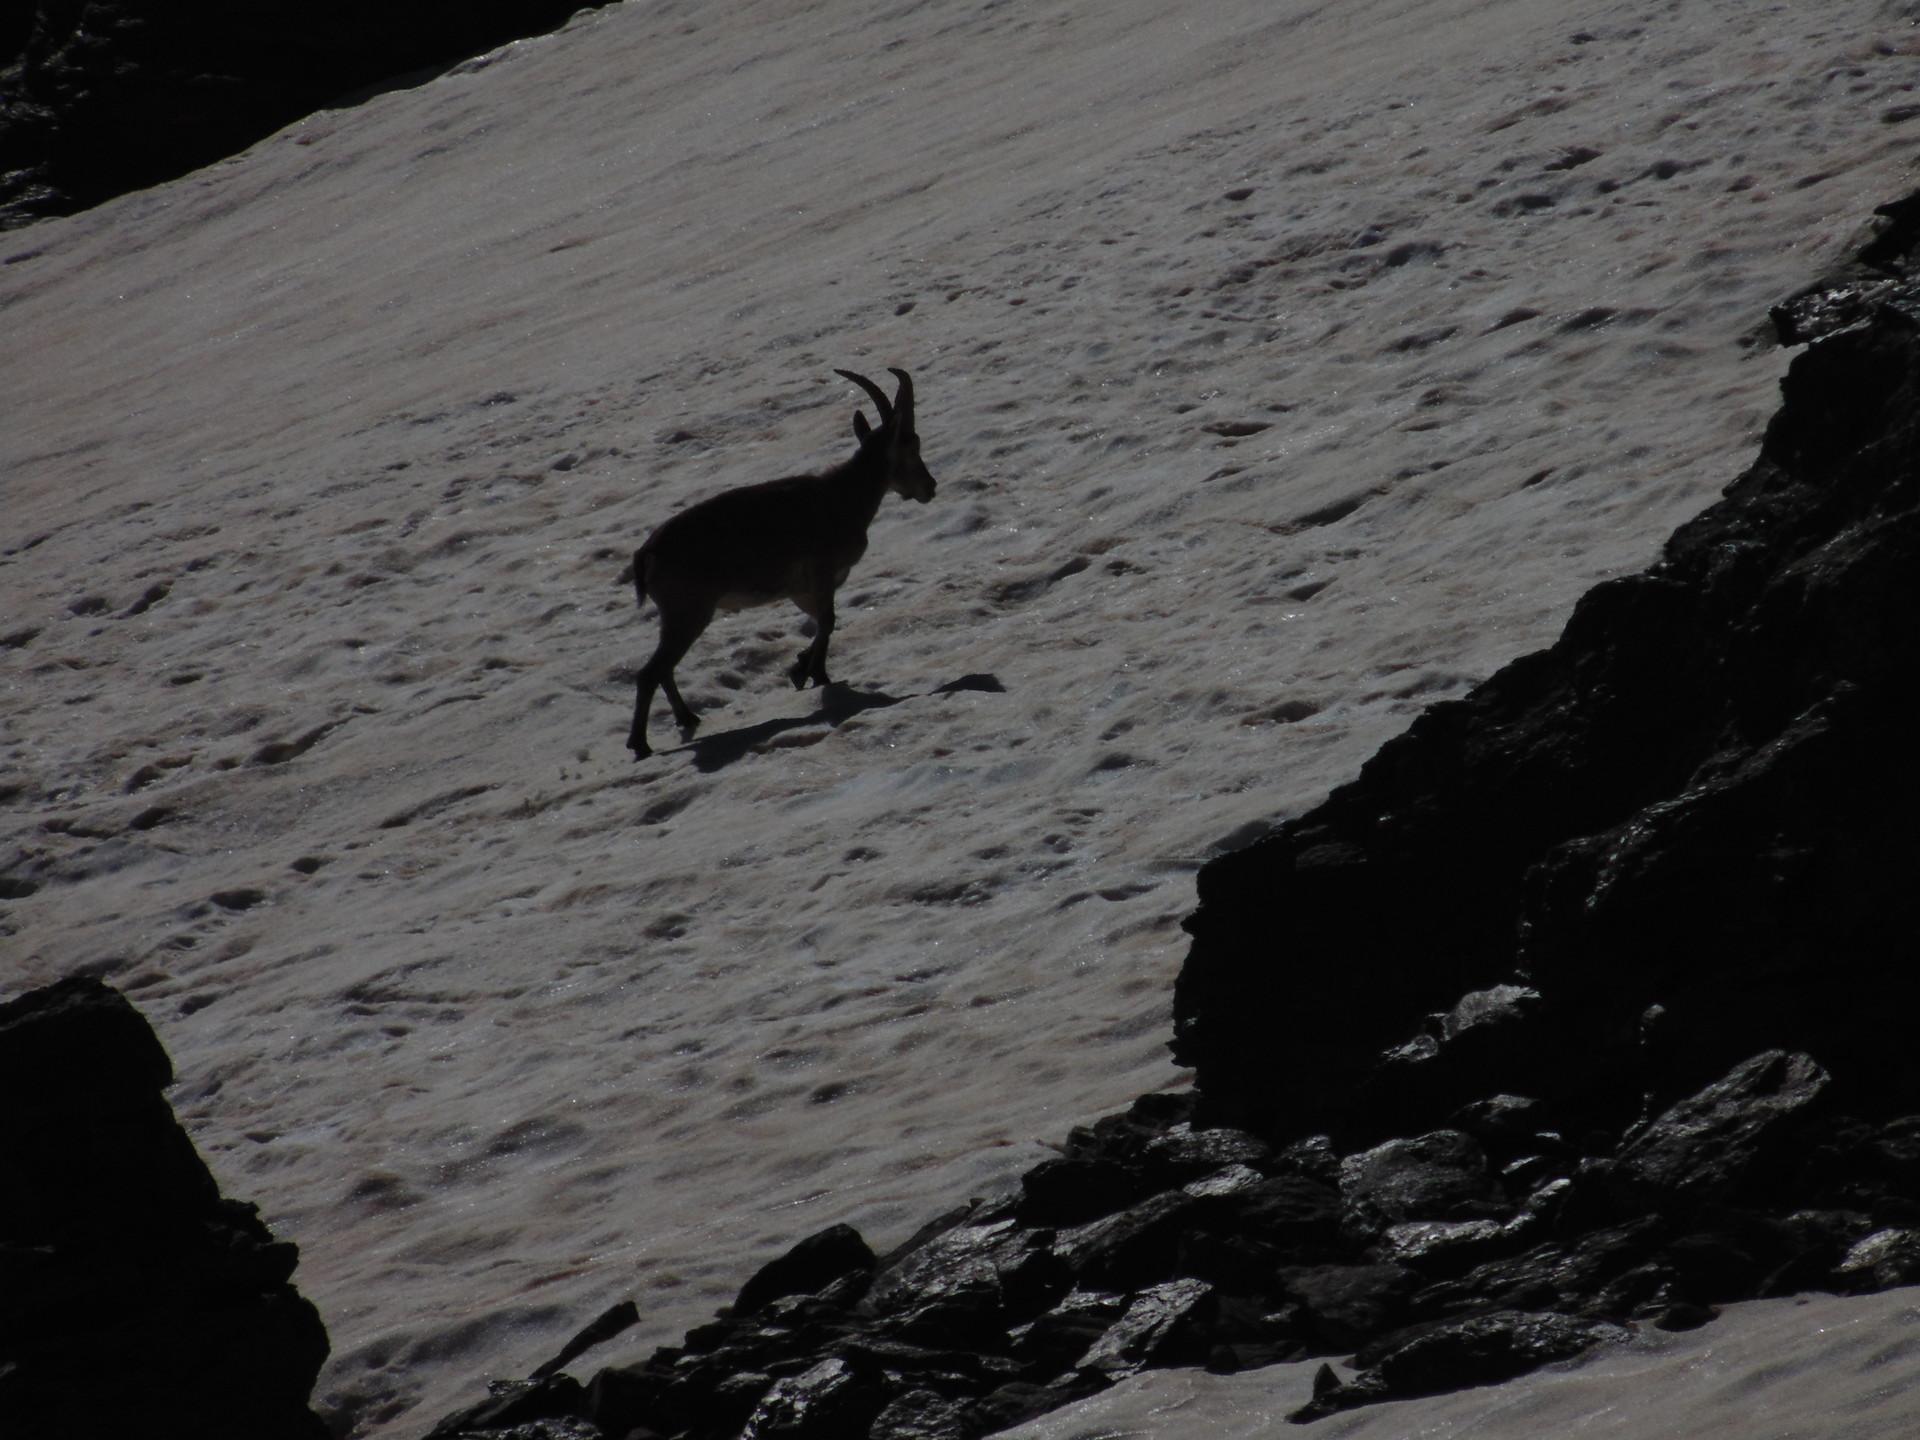 la-faune-de-sierra-nevada-21f58e6f8639d6